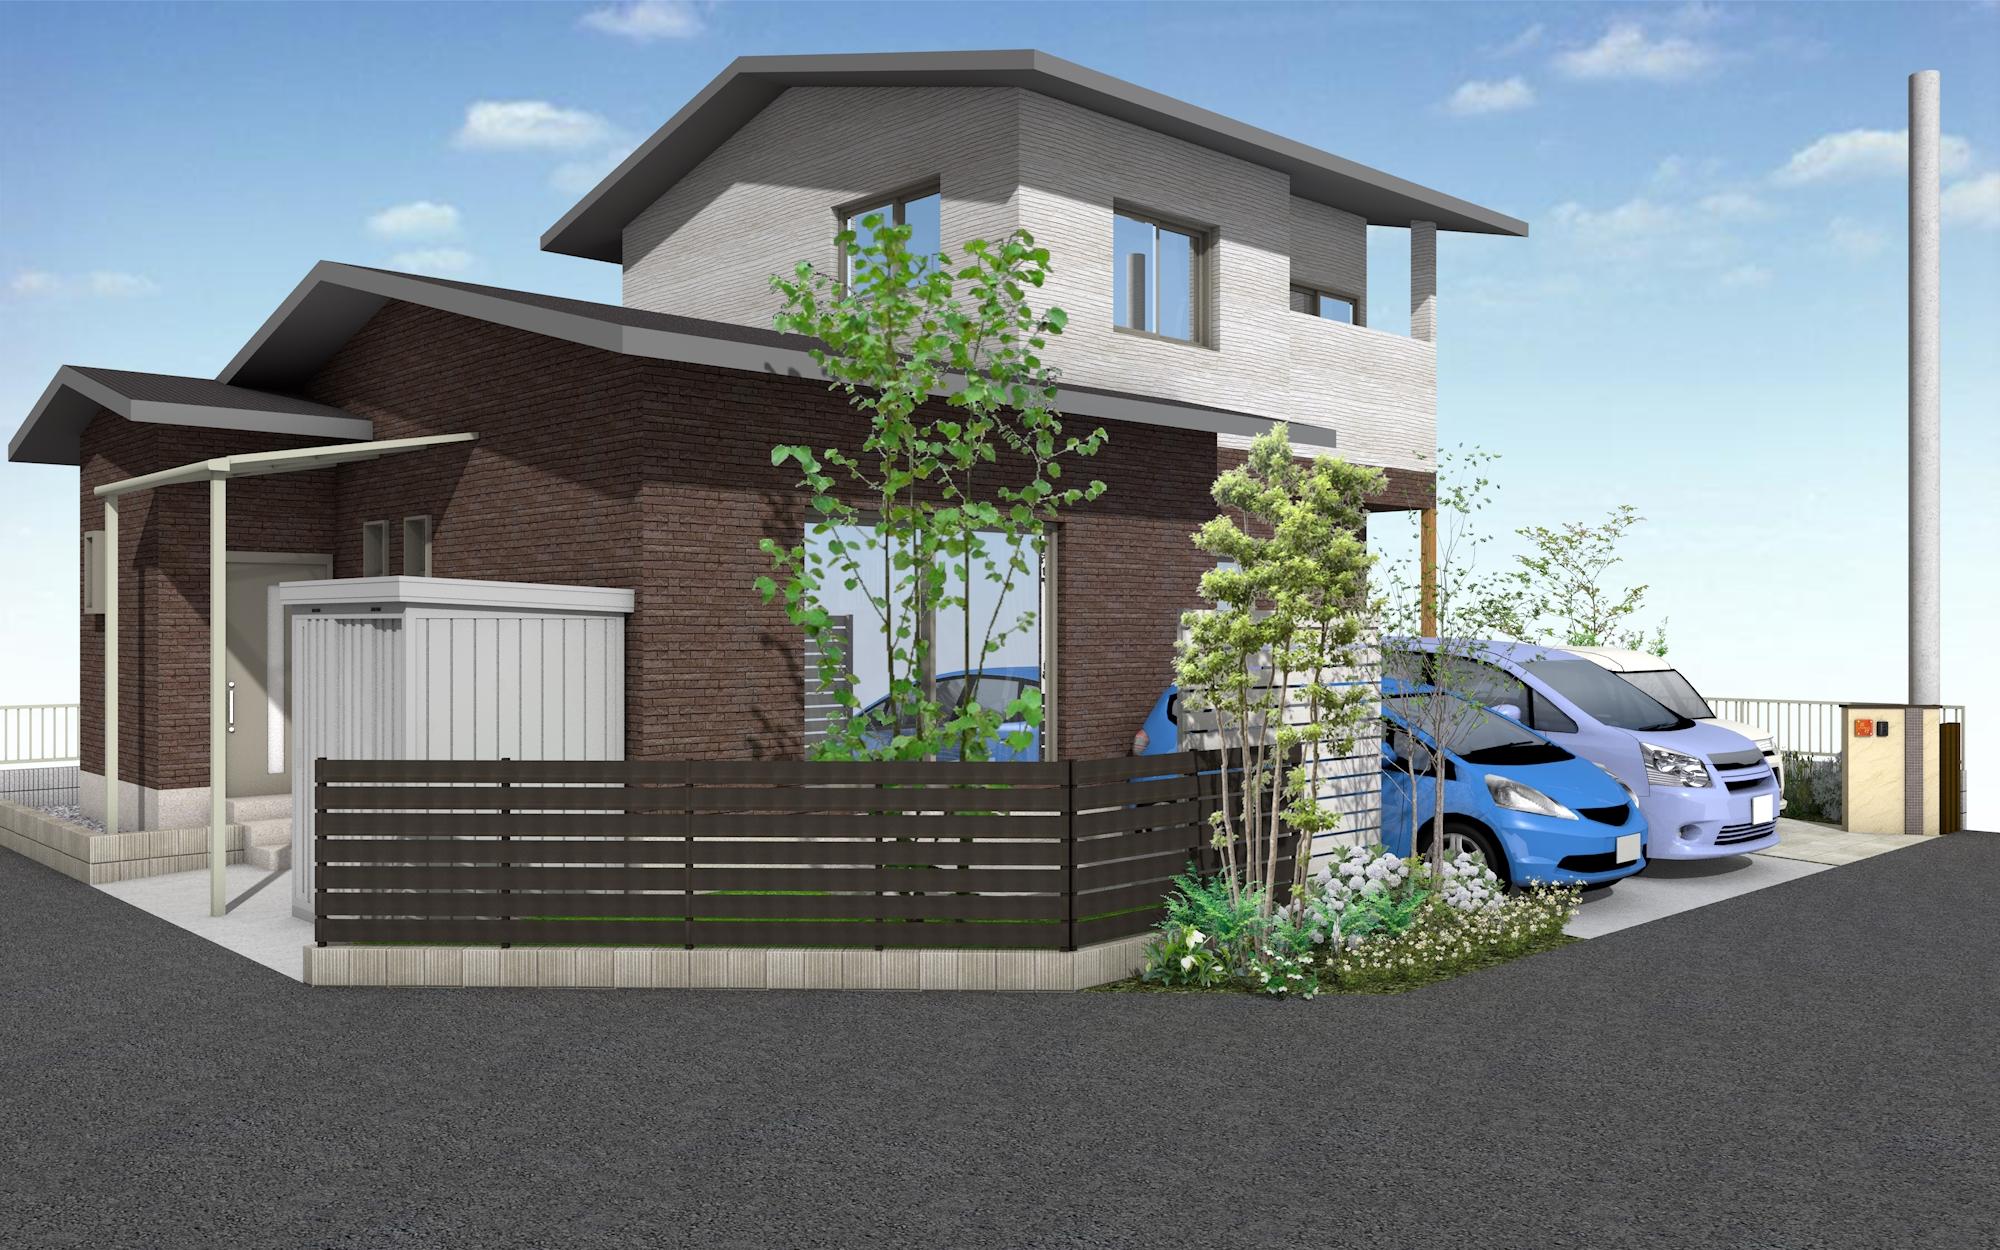 東近江市の造園・外構工事・留守宅管理なら花久造園へ 外構・植栽工事